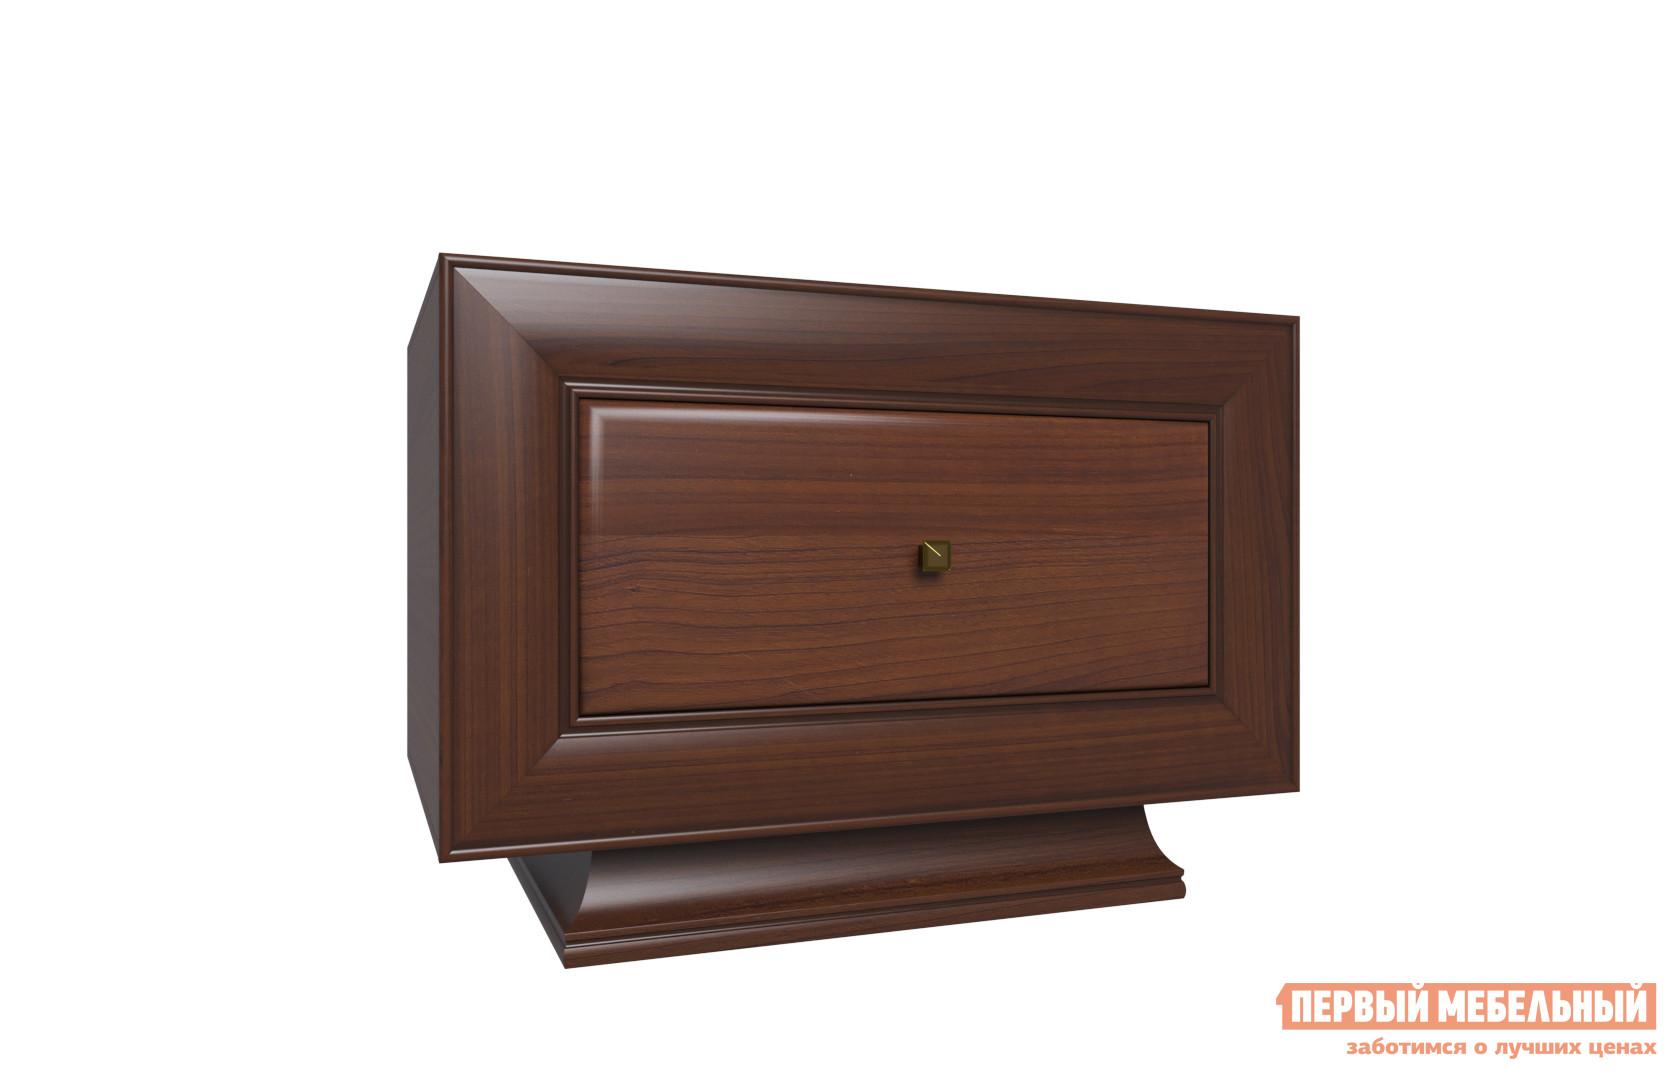 Обувница Первый Мебельный Ларго Классик 32